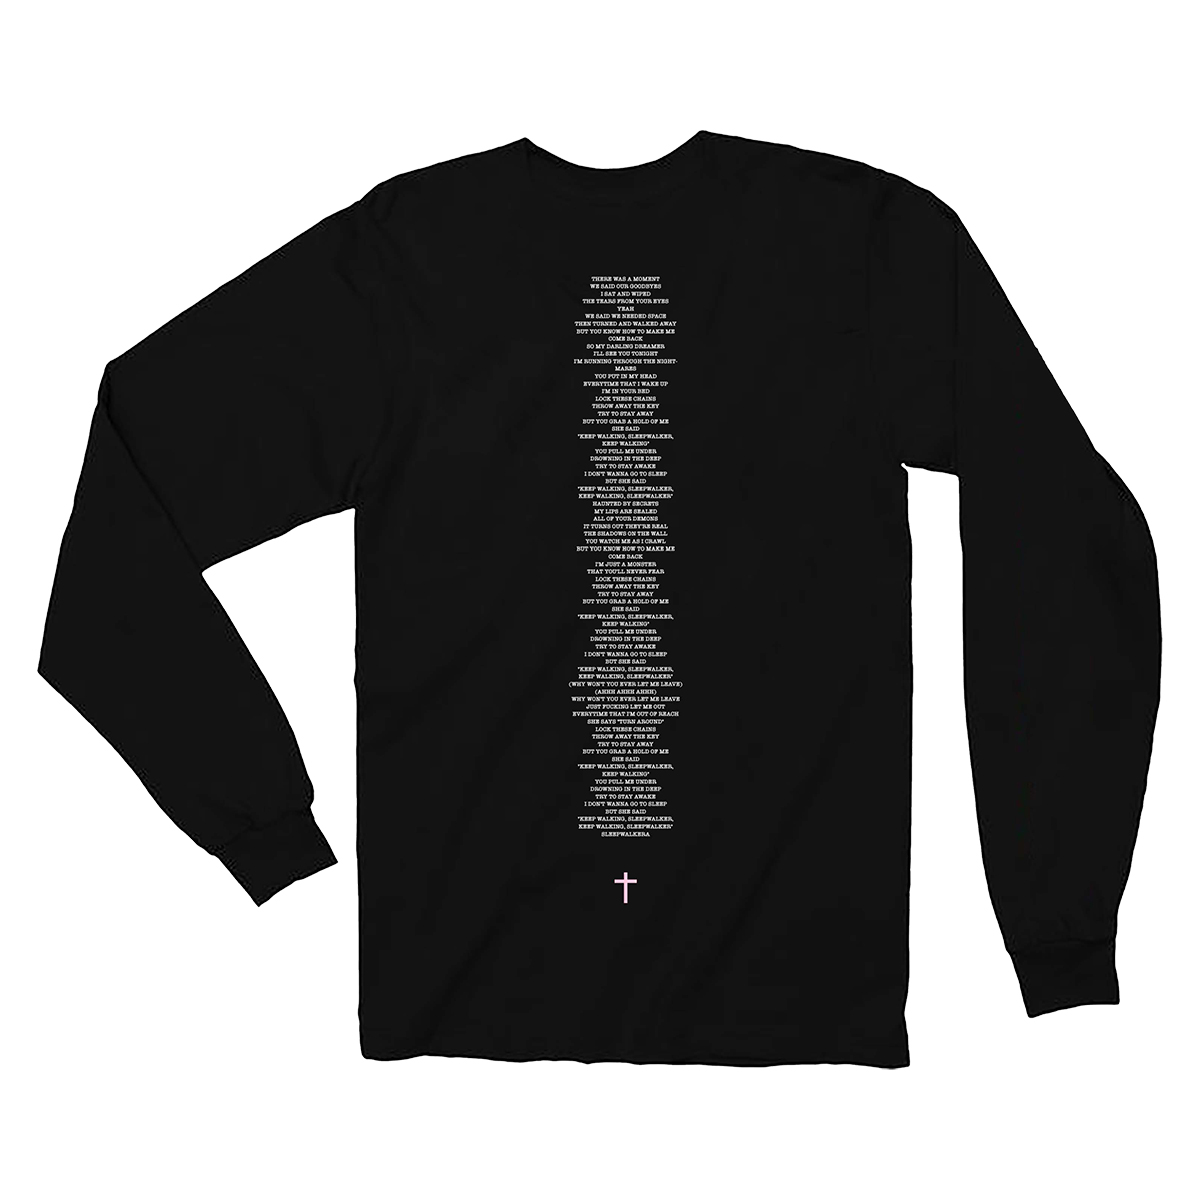 Yin Yang Long Sleeve Black T-shirt